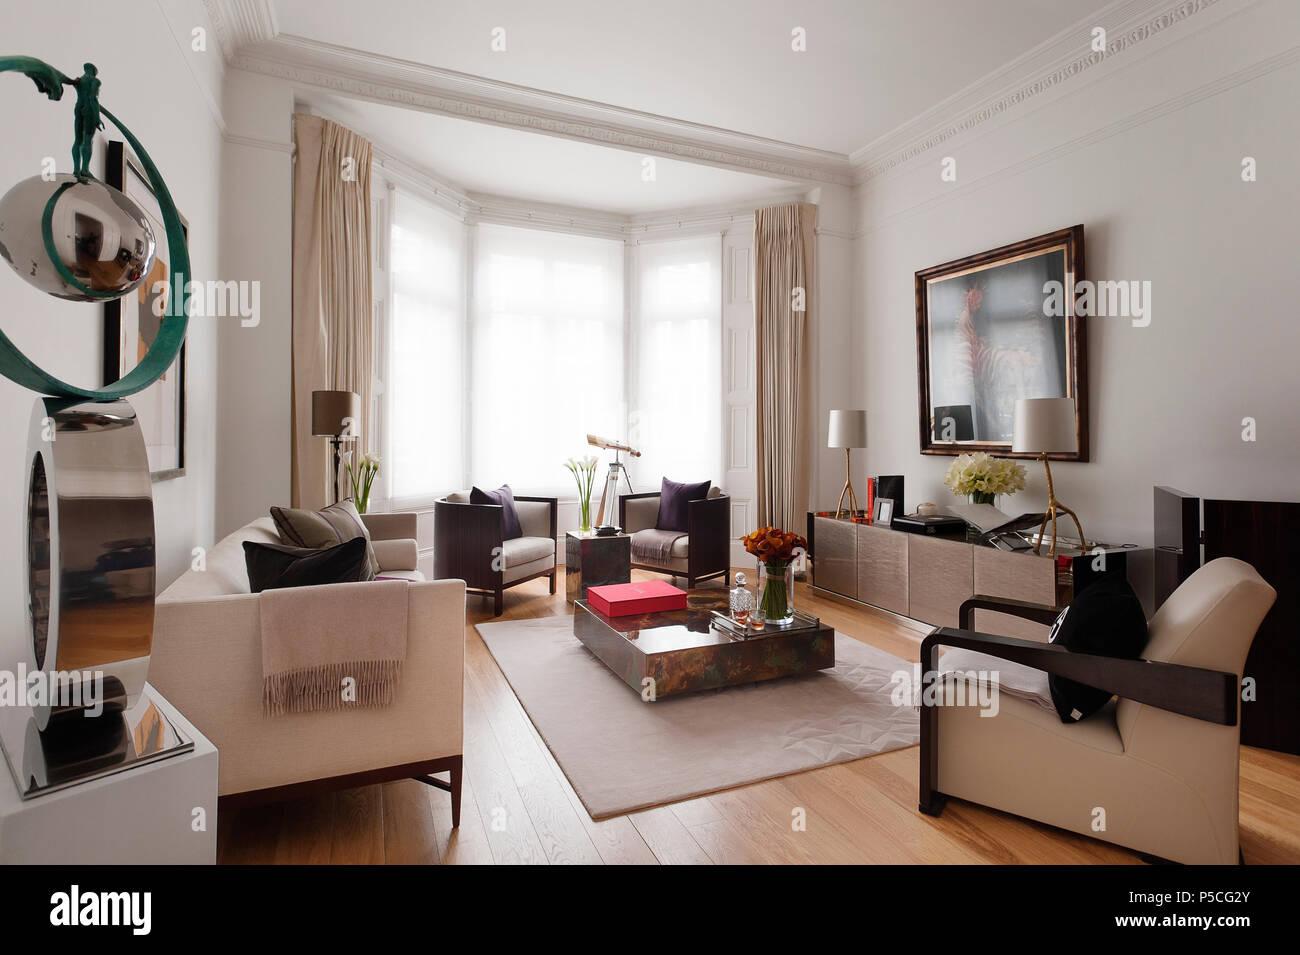 Im Art déco-Stil Wohnzimmer Stockfoto, Bild: 209873747 - Alamy